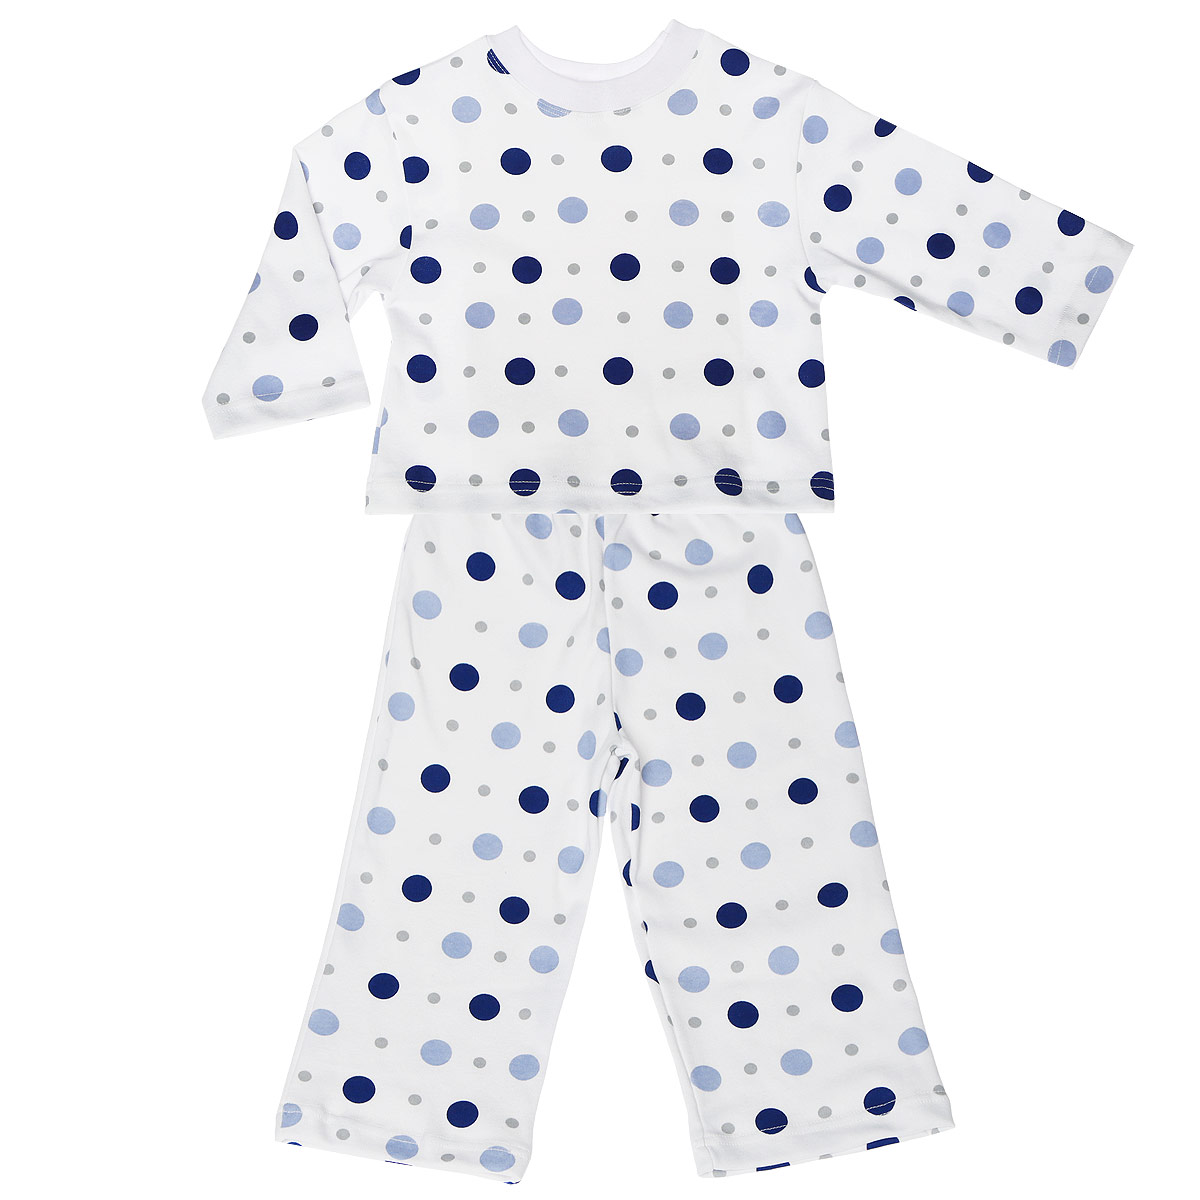 Пижама детская Трон-плюс, цвет: белый, синий. 5584_горох. Размер 86/92, 2-3 года5584_горохУютная детская пижама Трон-плюс, состоящая из джемпера и брюк, идеально подойдет вашему ребенку и станет отличным дополнением к детскому гардеробу. Изготовленная из натурального хлопка, она необычайно мягкая и легкая, не сковывает движения, позволяет коже дышать и не раздражает даже самую нежную и чувствительную кожу ребенка. Джемпер с длинными рукавами и круглым вырезом горловины оформлен гороховым принтом. Вырез горловины дополнен трикотажной эластичной резинкой. Брюки на талии имеют эластичную резинку, благодаря чему не сдавливают живот ребенка и не сползают. Оформлены брючки также гороховым принтом. В такой пижаме ваш ребенок будет чувствовать себя комфортно и уютно во время сна.